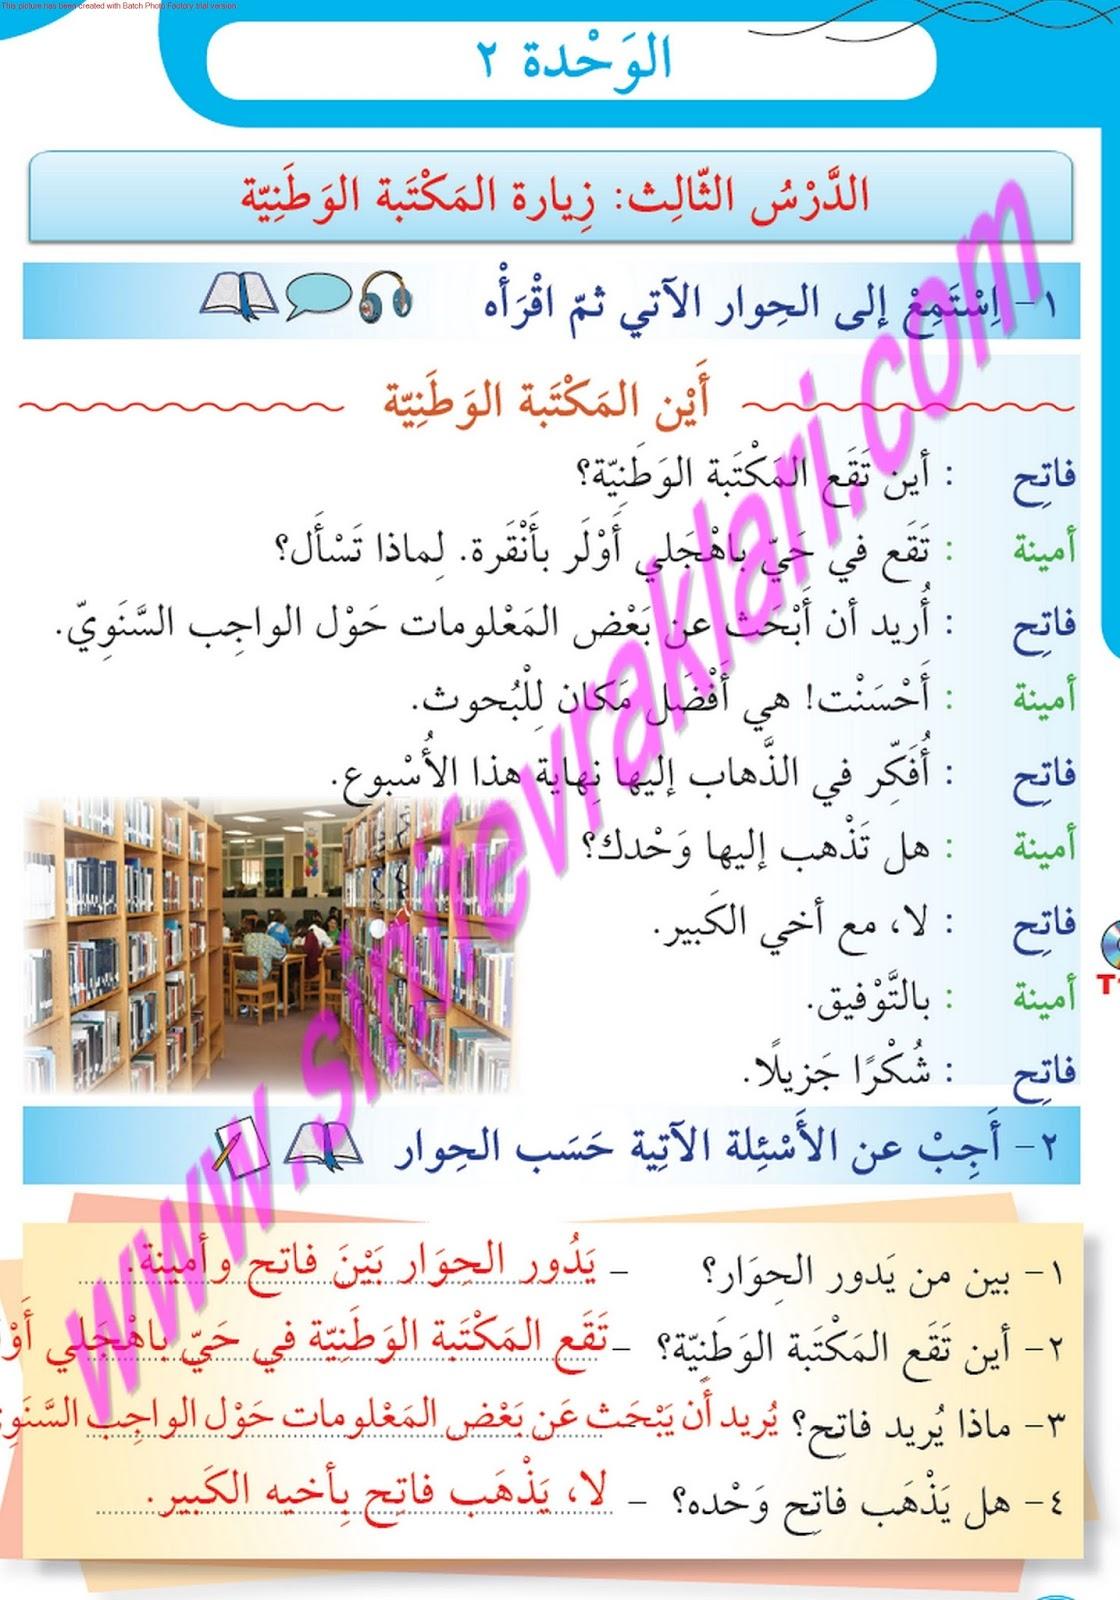 7 Sınıf Arapça Meb Yayınları Ders Kitabı Cevapları Sayfa 44 Ders